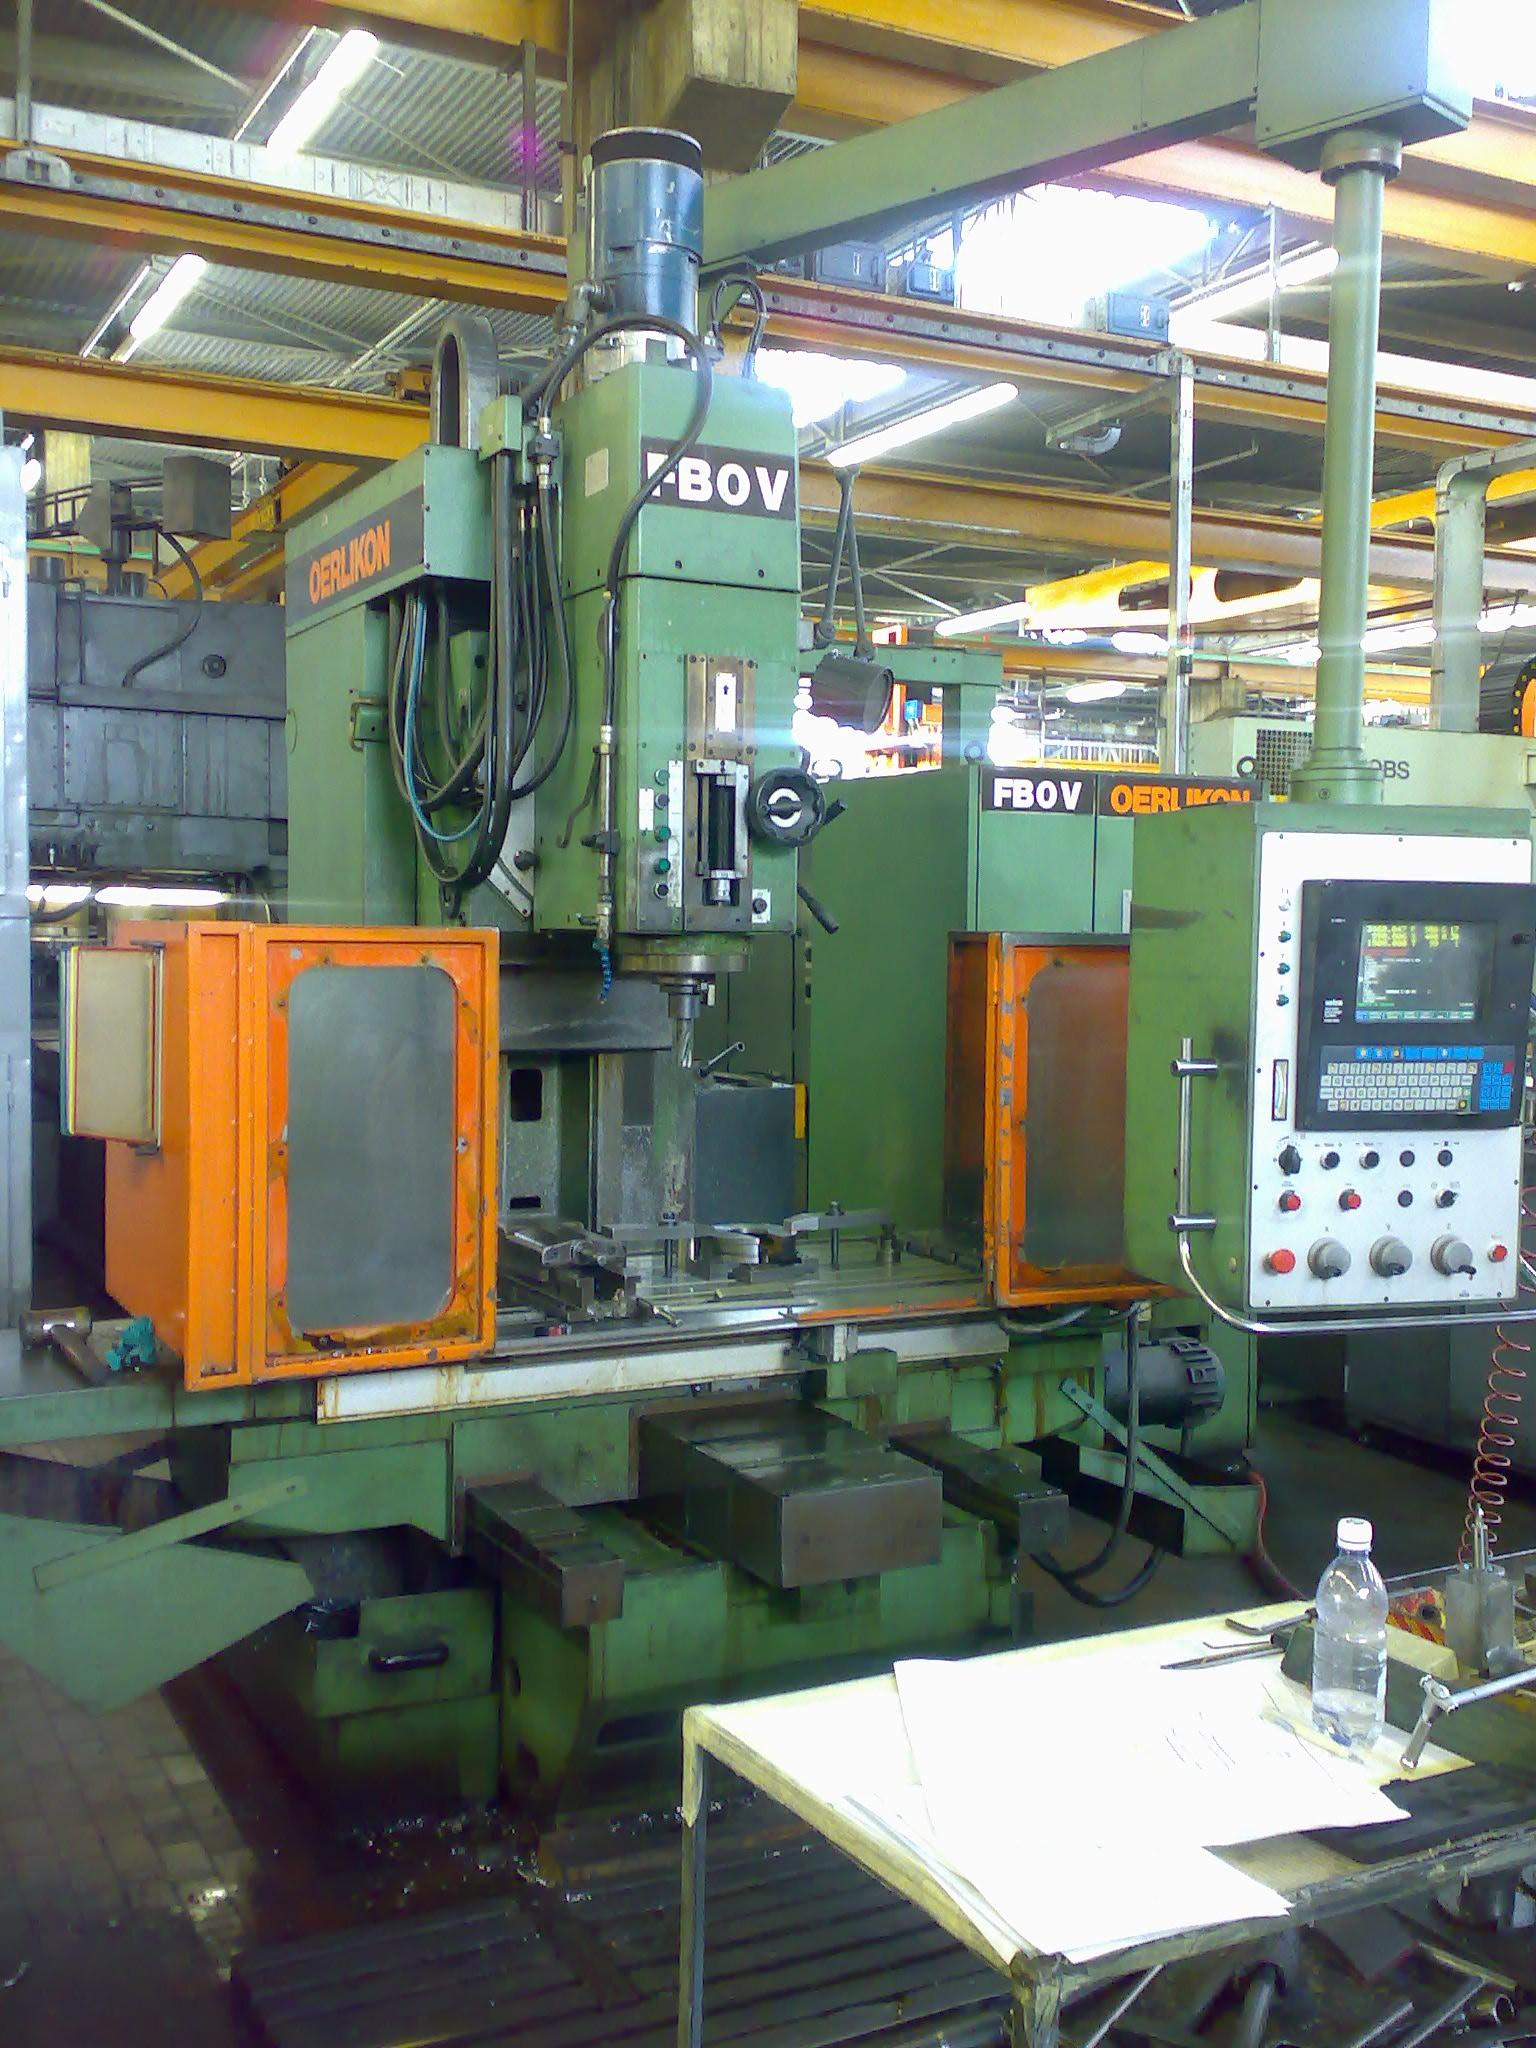 oerlikon machine tools